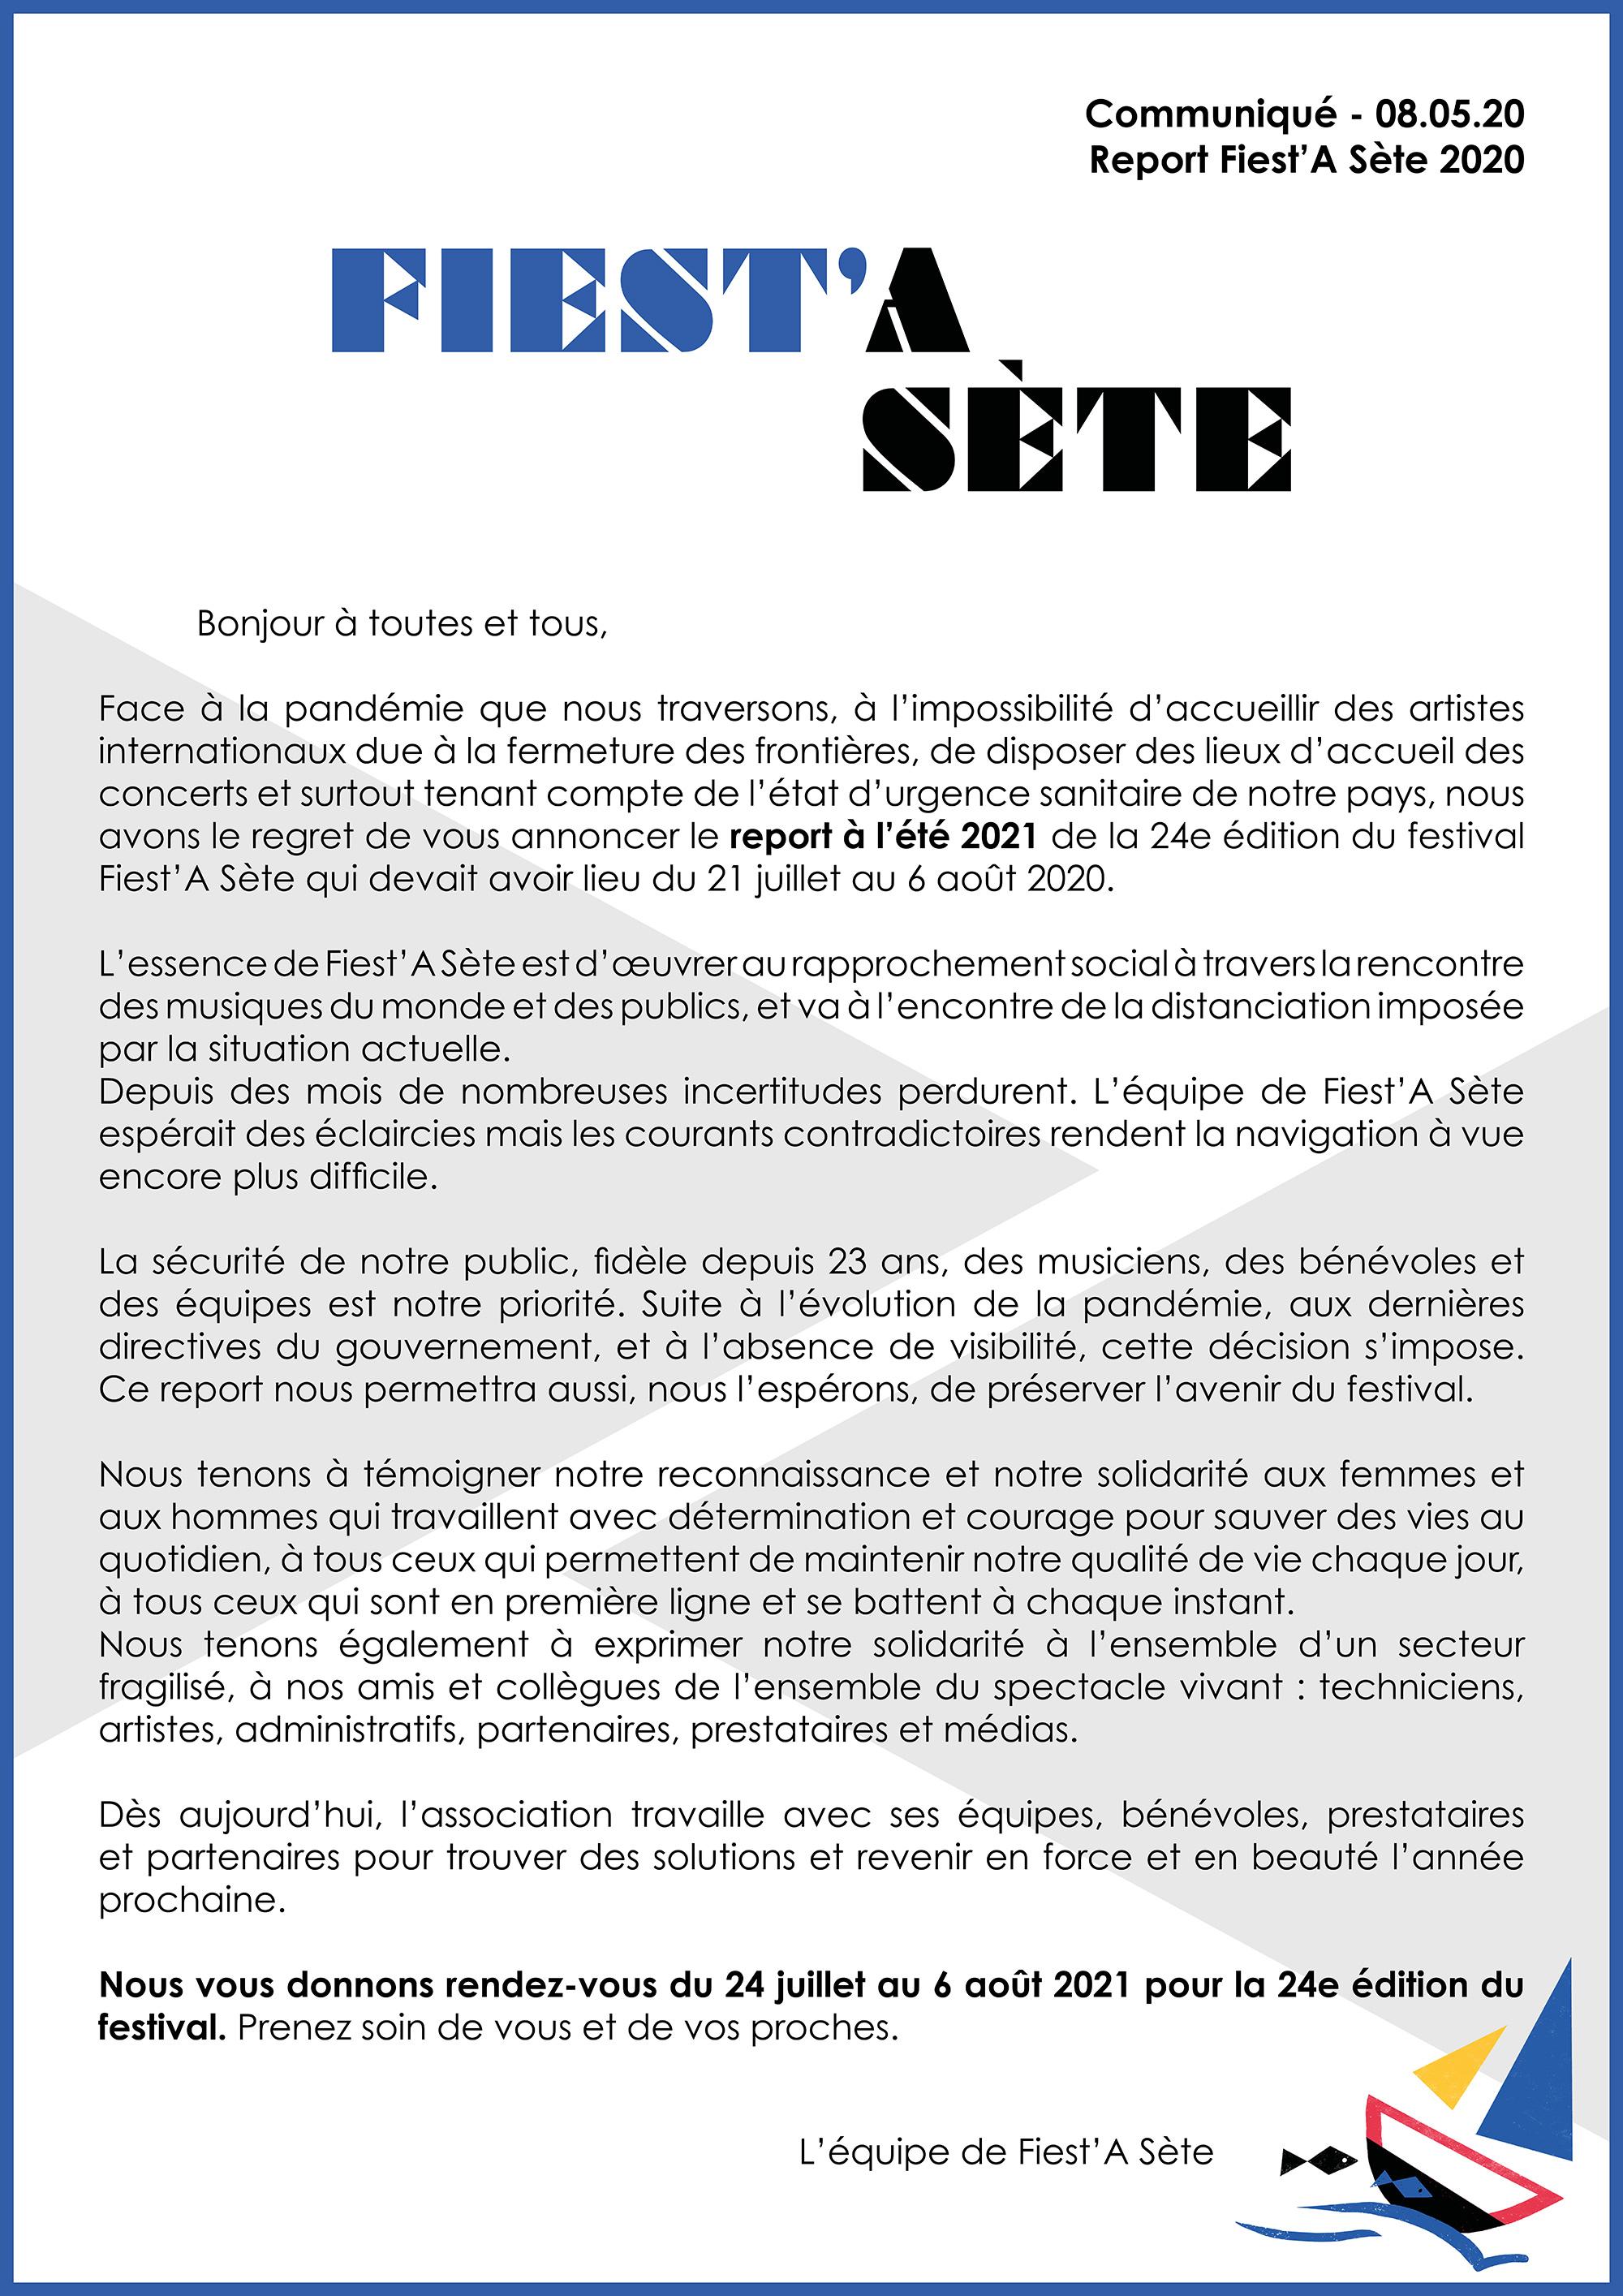 CP-FiestA-Sete-report-24-juillet-6-aout-2021